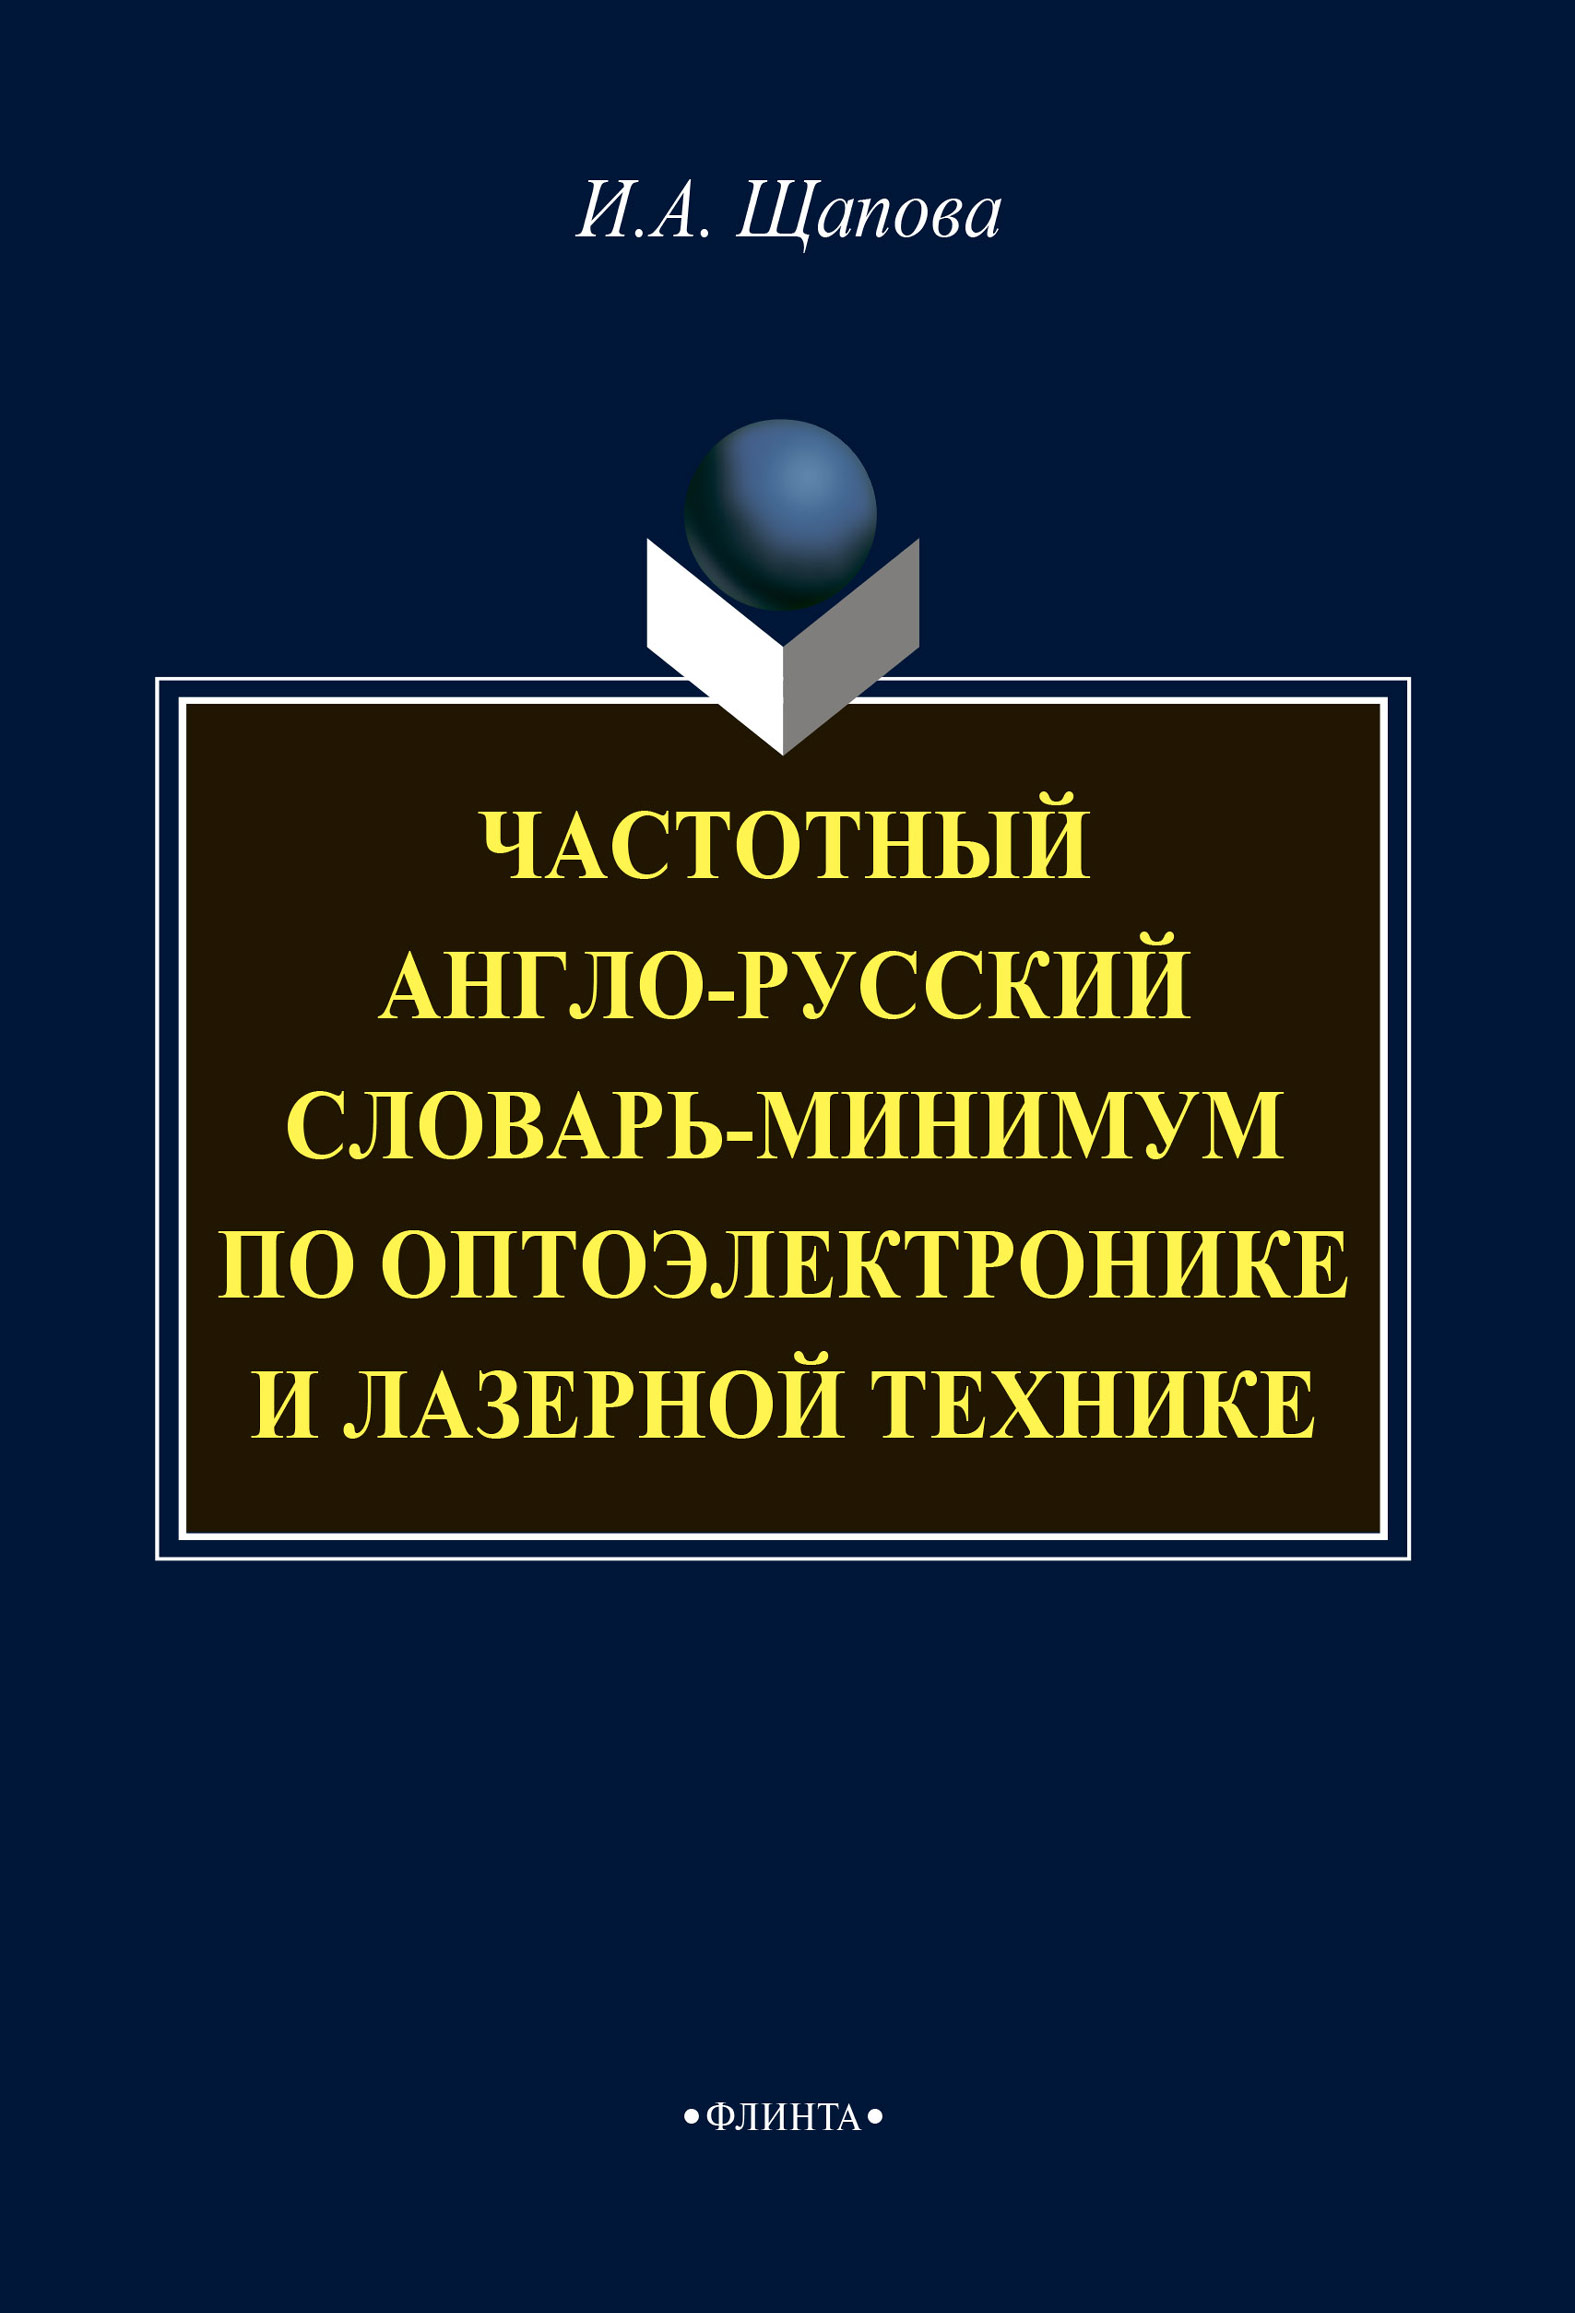 И. А. Щапова Частотный англо-русский словарь-минимум по оптоэлектронике и лазерной технике